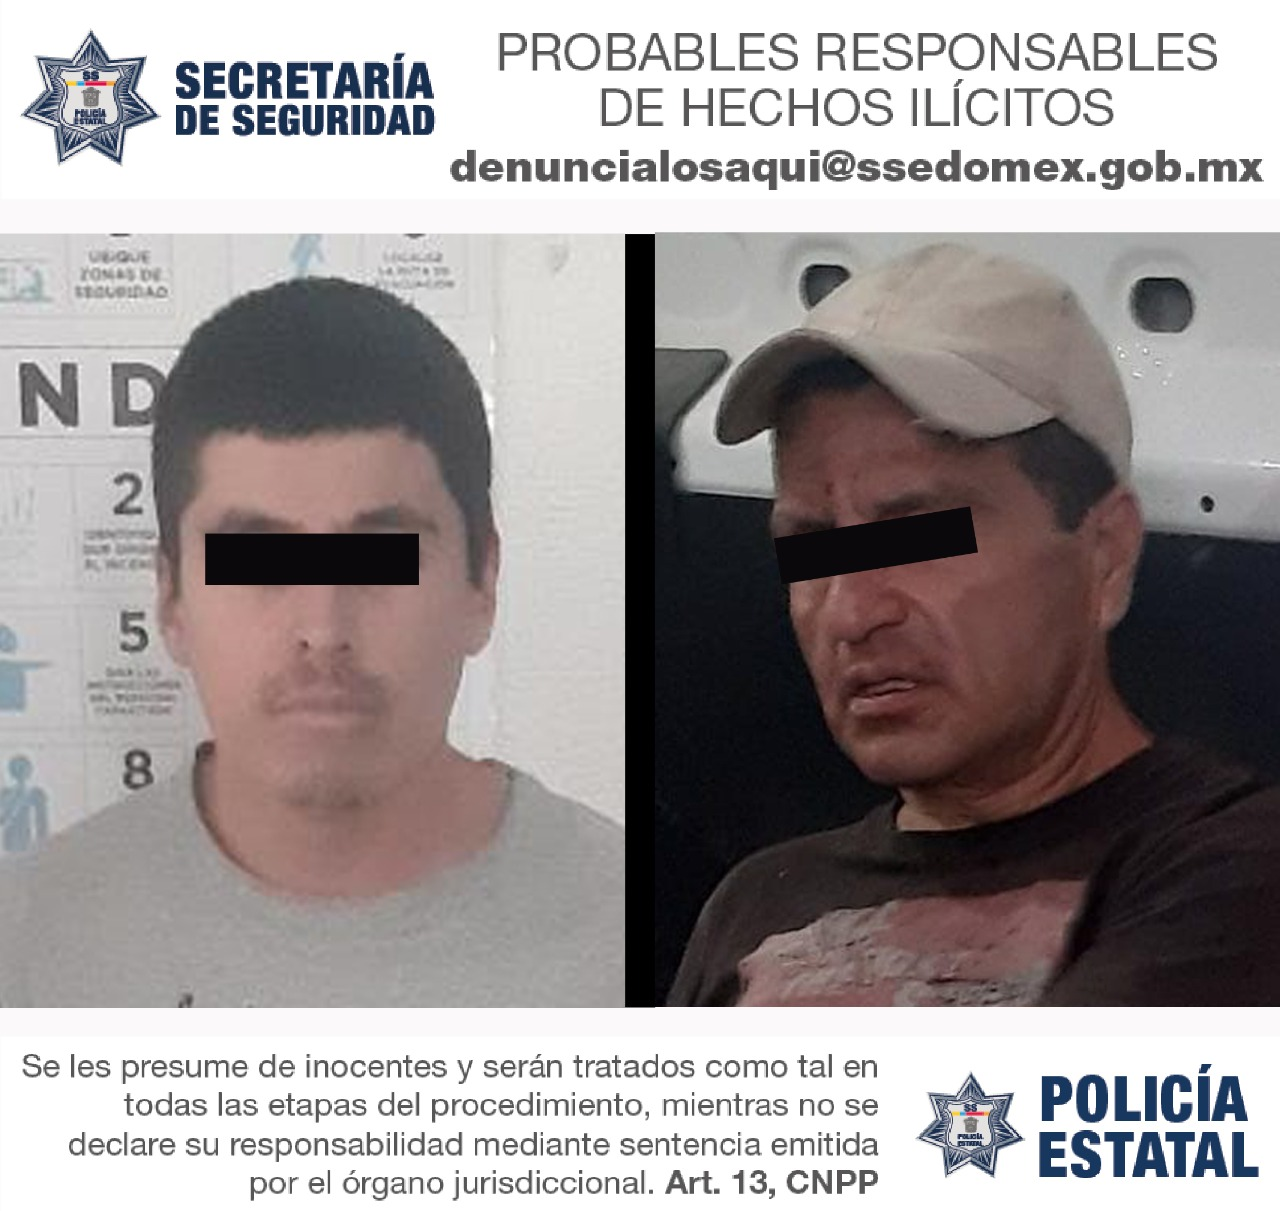 POLICÍAS DE LA SS DETIENEN A DOS PROBABLES RESPONSABLES DEL ASALTO A COMERCIAL DE TELEFONÍA